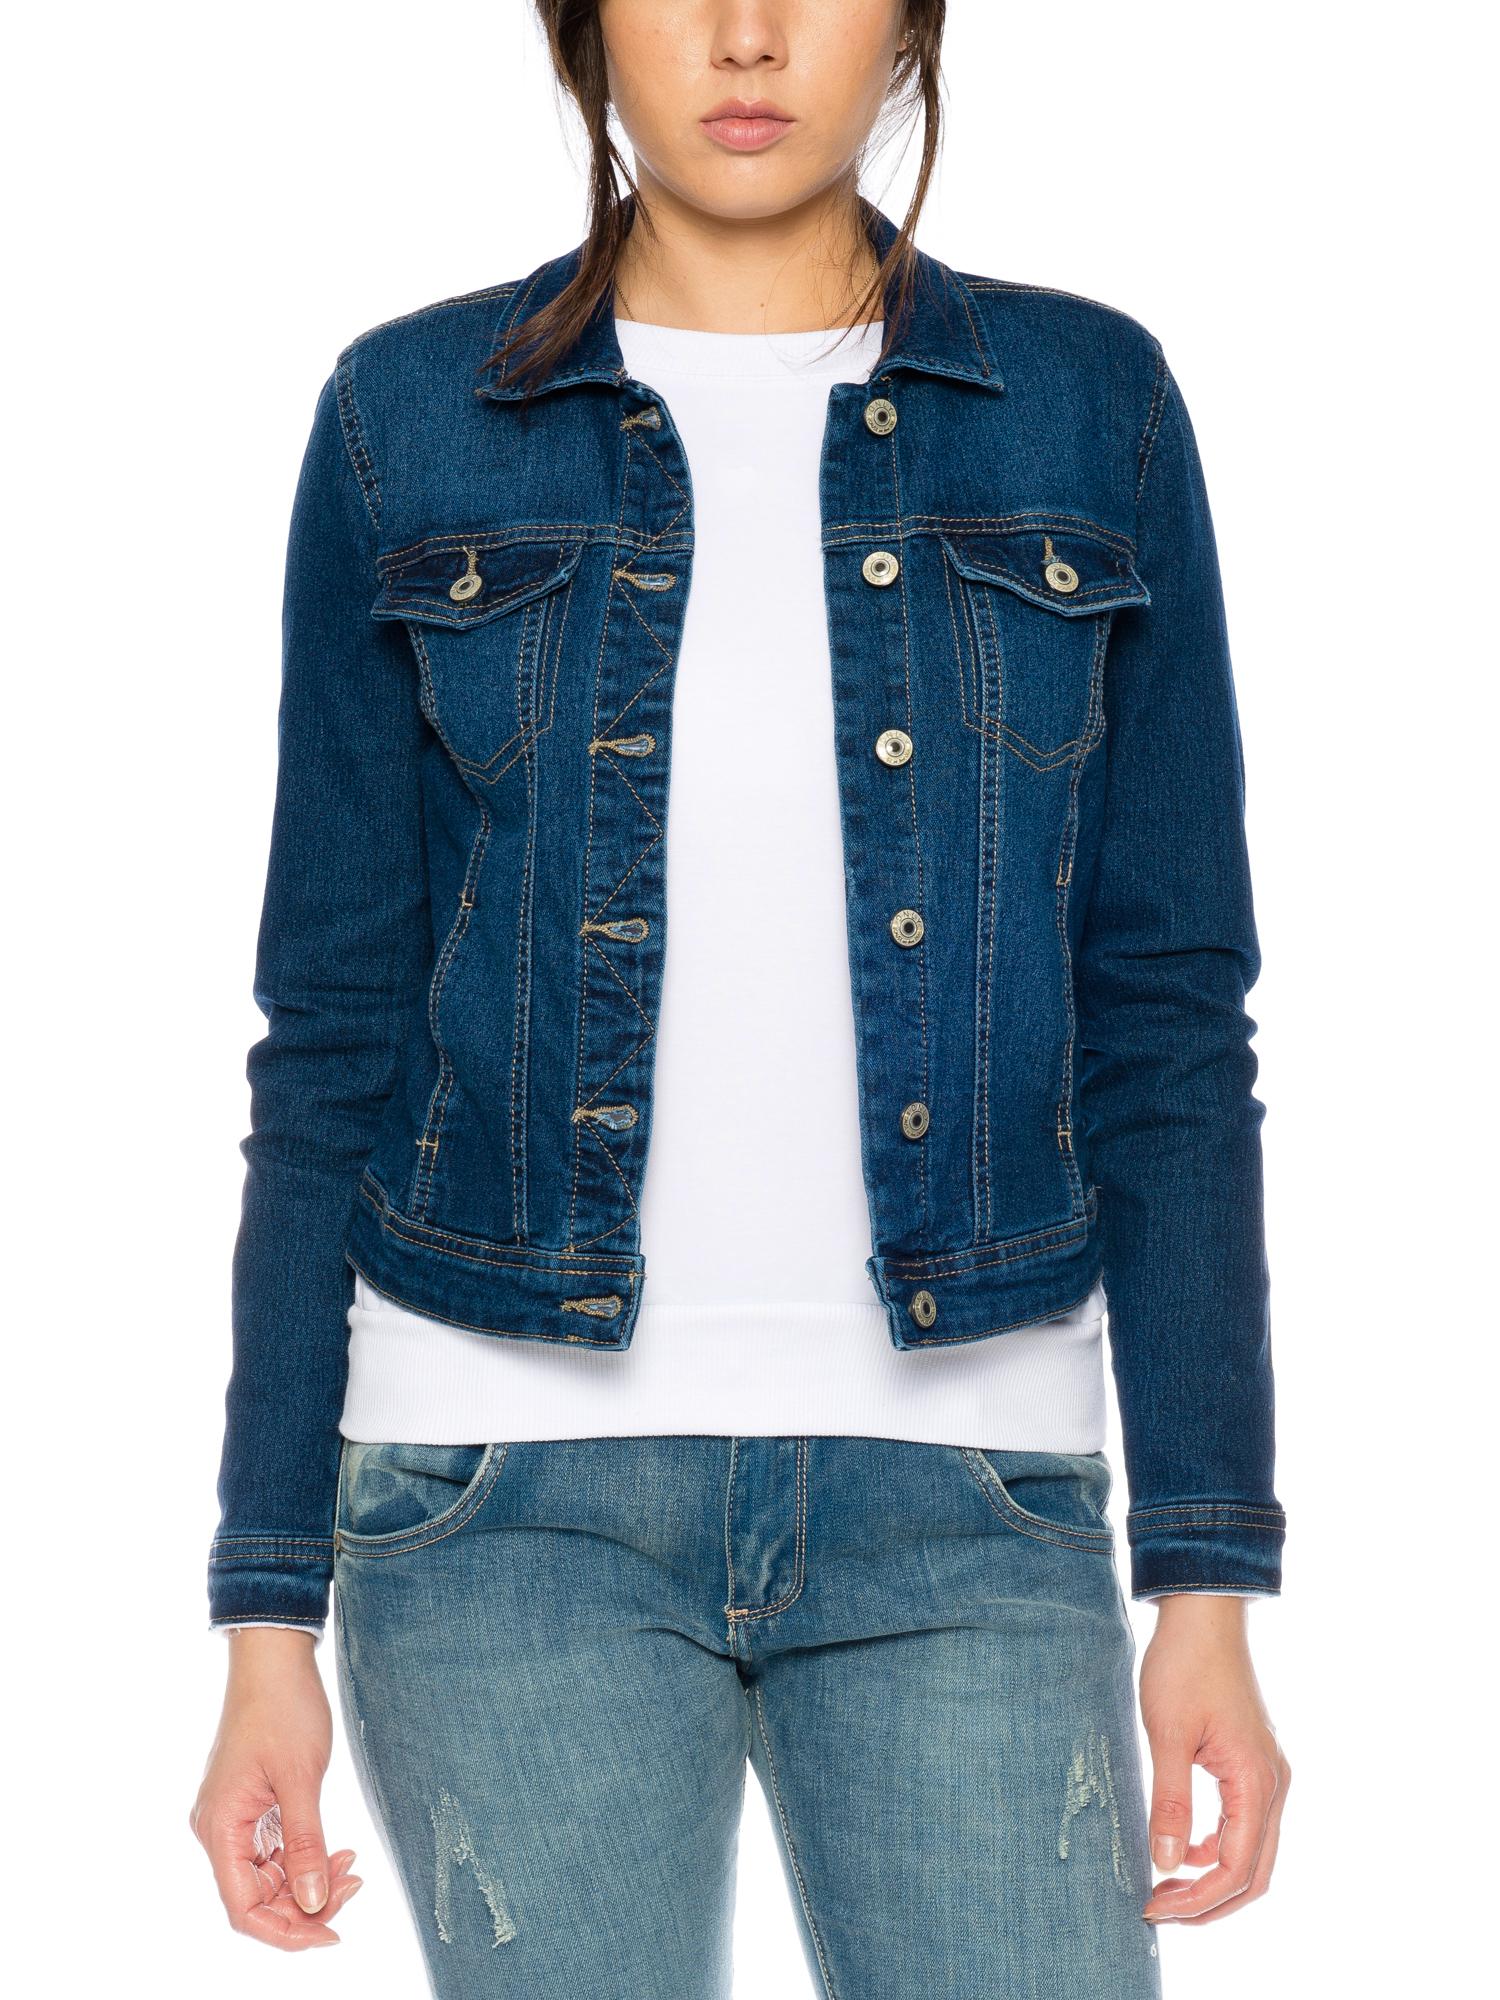 only damen jeans jacke bergangsjacke onlwesta jacket damen jacken. Black Bedroom Furniture Sets. Home Design Ideas